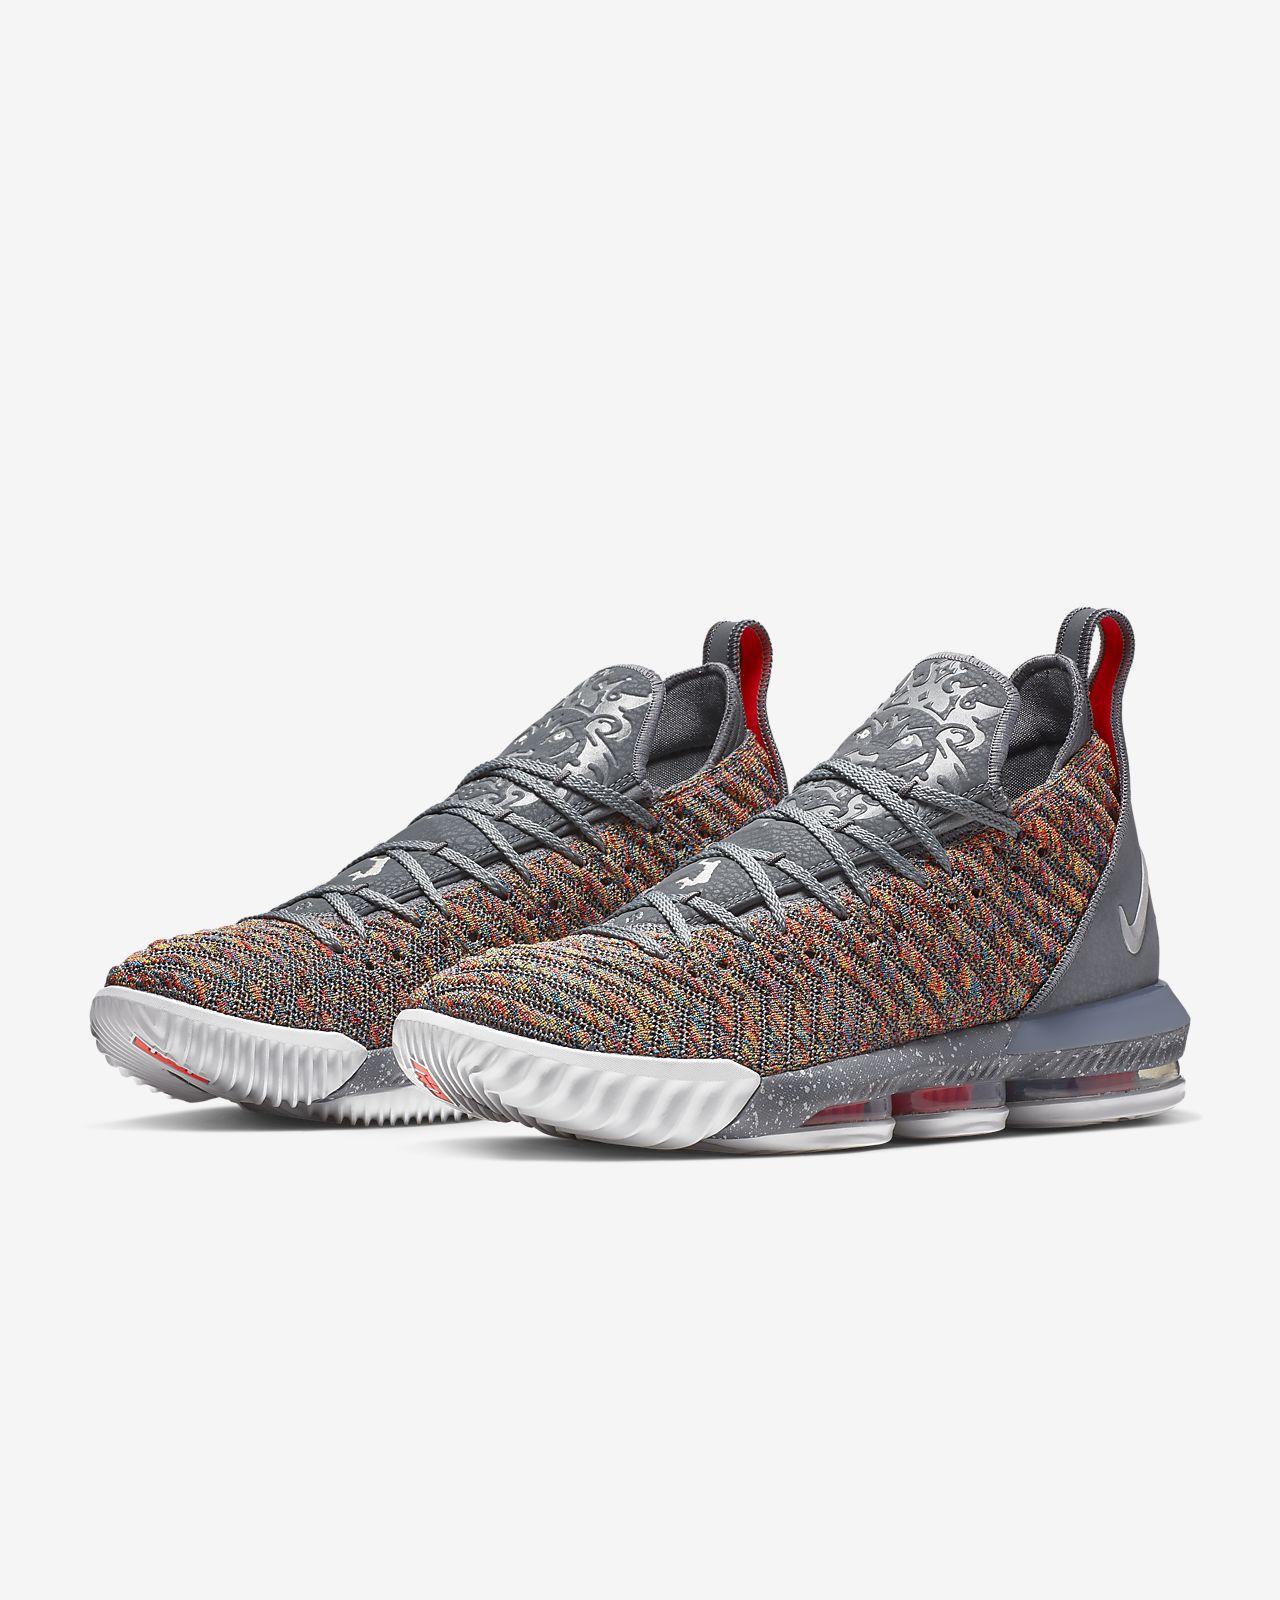 promo code d335e 6e007 Low Resolution Chaussure de basketball LeBron 16 Chaussure de basketball  LeBron 16